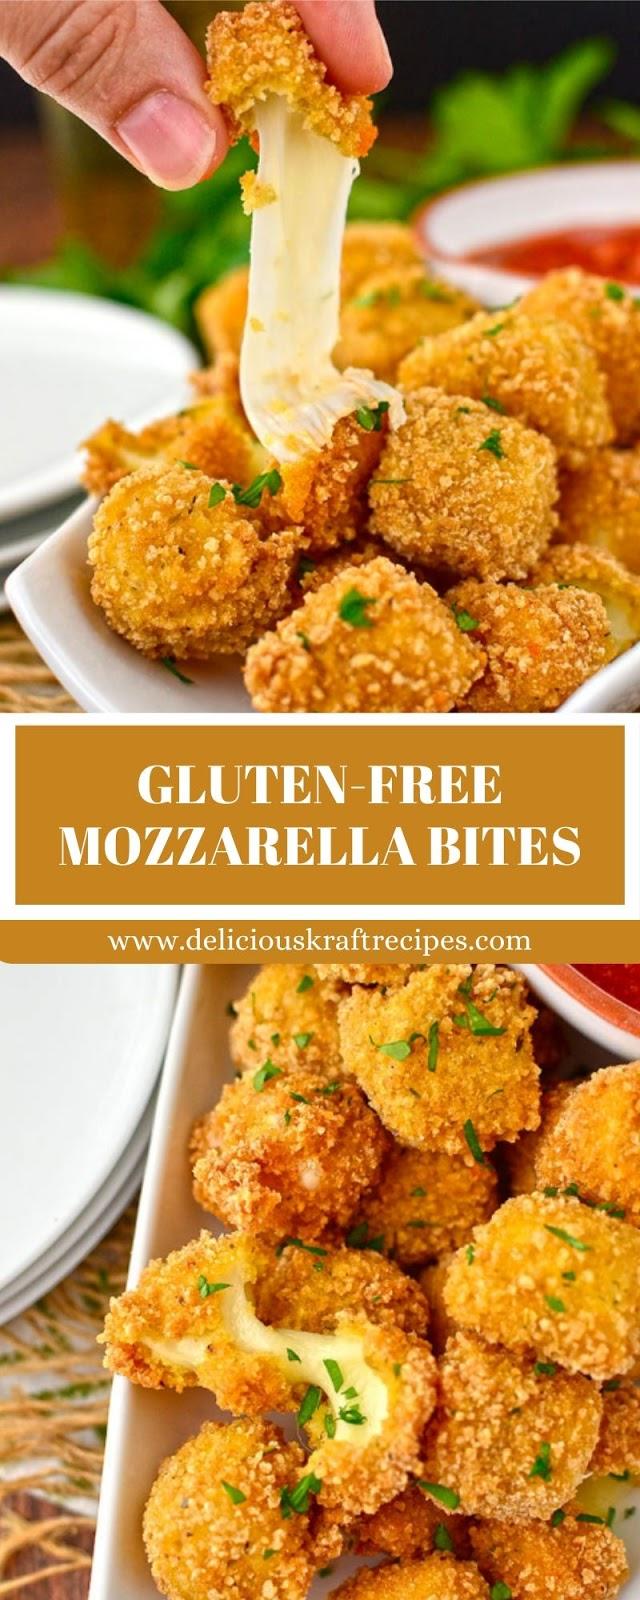 GLUTEN-FREE MOZZARELLA BITES